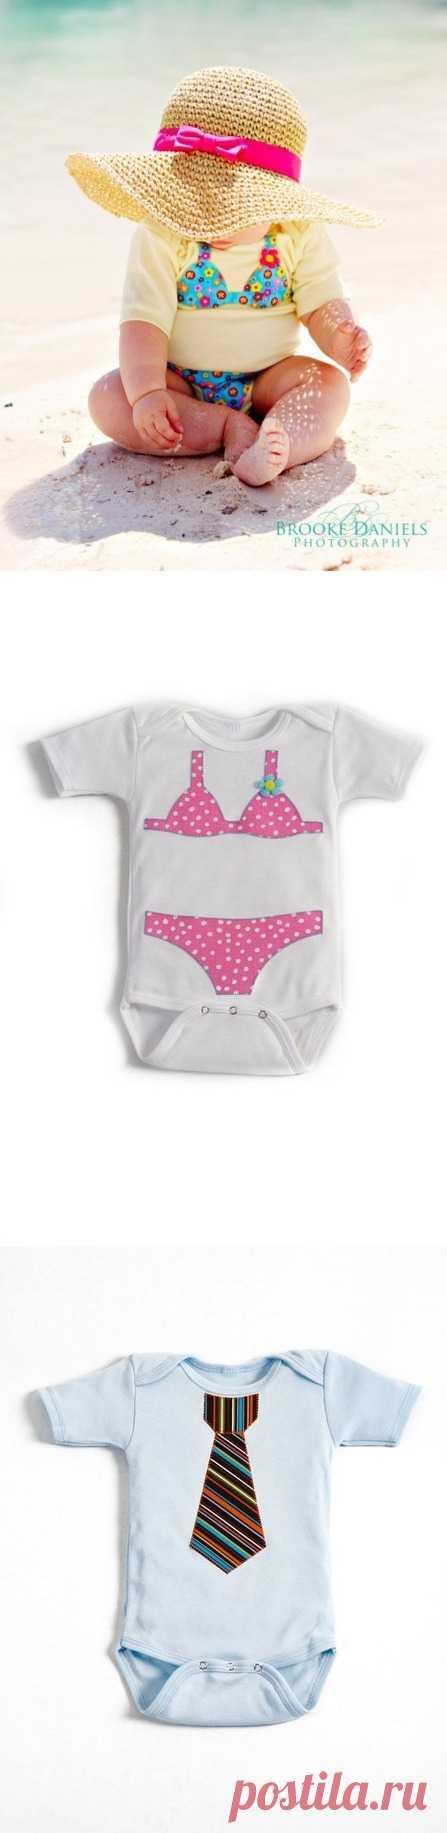 El bikini o la corbata en infantil bodi :)